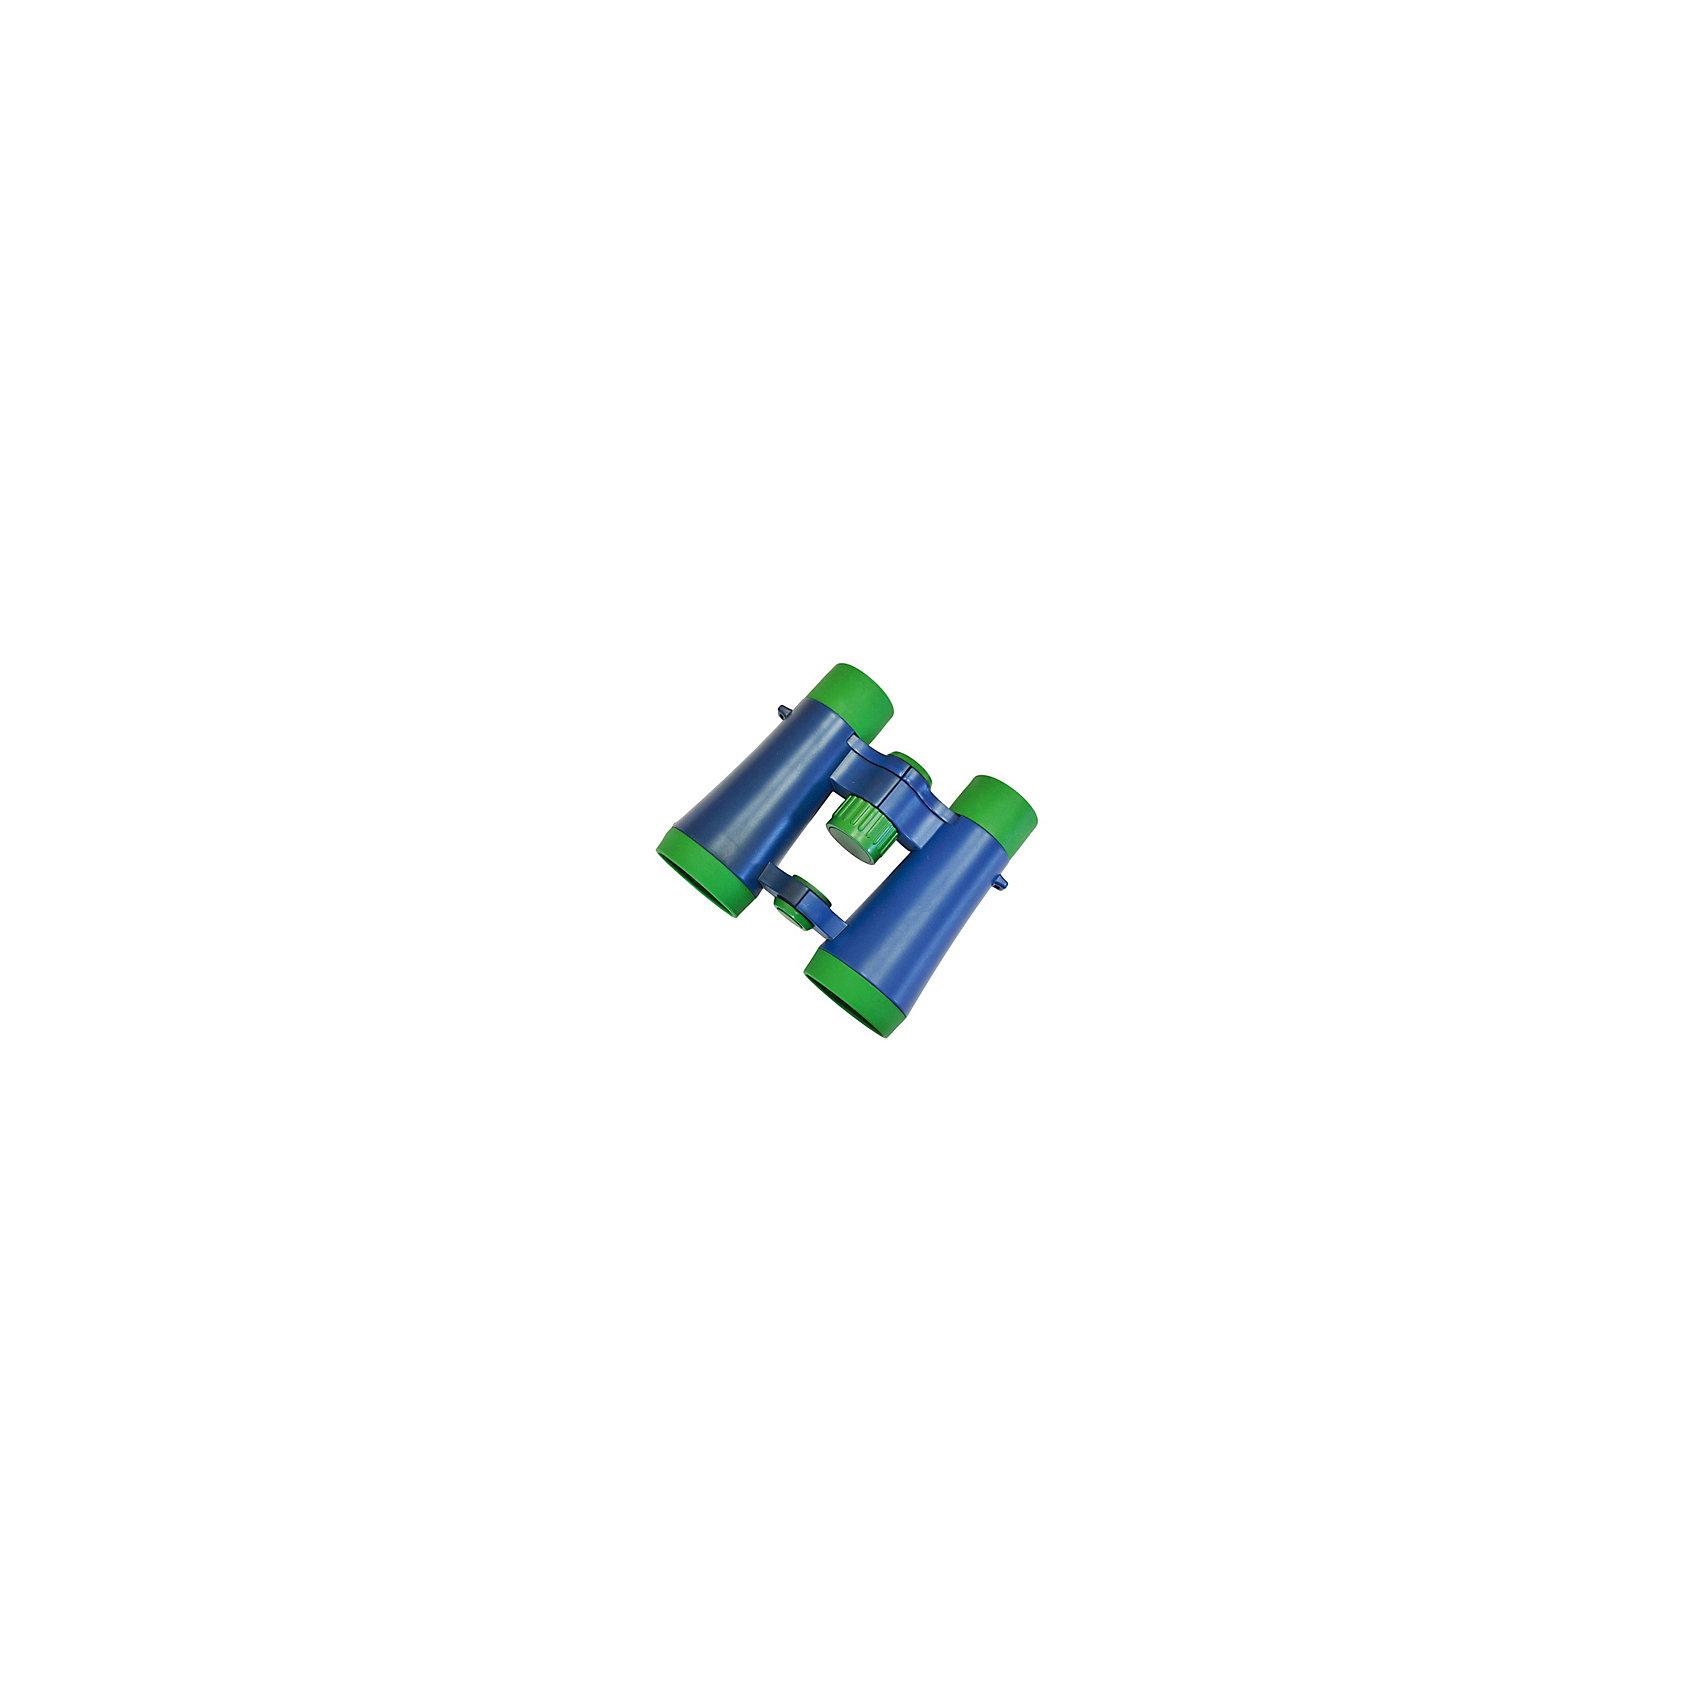 Бинокль детский Bresser Junior 4x30Эксперименты и опыты<br>Характеристики товара:<br><br>• материал: пластик<br>• увеличение: до 4 крат<br>• легкий корпус<br>• способ фокусировки: центральная<br>• размер: 10x11x4 см<br>• вес: 100 г<br>• страна бренда: Германия<br><br>Бинокль - это отличный способ заинтересовать ребенка наблюдениями и привить ему интерес к учебе. Эта модель была разработана специально для детей - он позволяет увеличивать предметы до 4 крат. Благодаря легкому и прочному корпусу бинокль удобно брать с собой!<br><br>Оптические приборы от немецкой компании Bresser уже успели зарекомендовать себя как качественная и надежная продукция. Для их производства используются только безопасные и проверенные материалы. Такой прибор способен прослужить долго. Подарите ребенку интересную и полезную вещь!<br><br>Бинокль детский Bresser Junior 4x30 от известного бренда Bresser (Брессер) можно купить в нашем интернет-магазине.<br><br>Ширина мм: 110<br>Глубина мм: 120<br>Высота мм: 50<br>Вес г: 160<br>Возраст от месяцев: 60<br>Возраст до месяцев: 2147483647<br>Пол: Унисекс<br>Возраст: Детский<br>SKU: 5435315